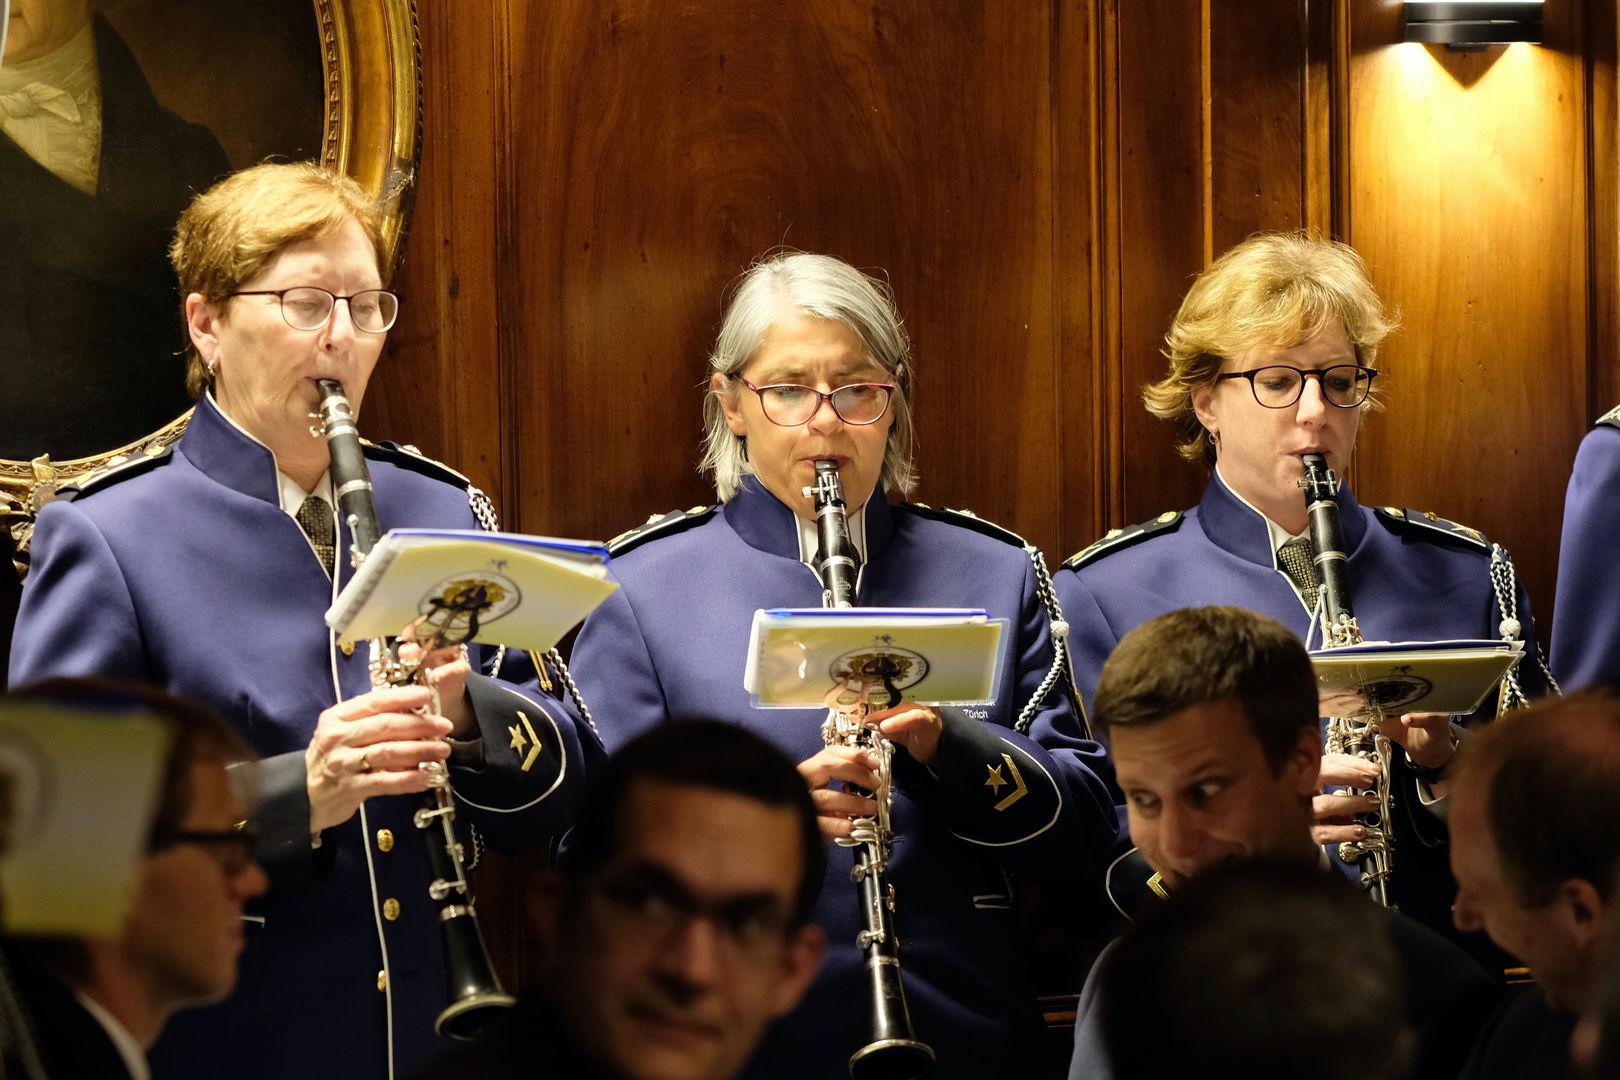 Musikparade Deutschland